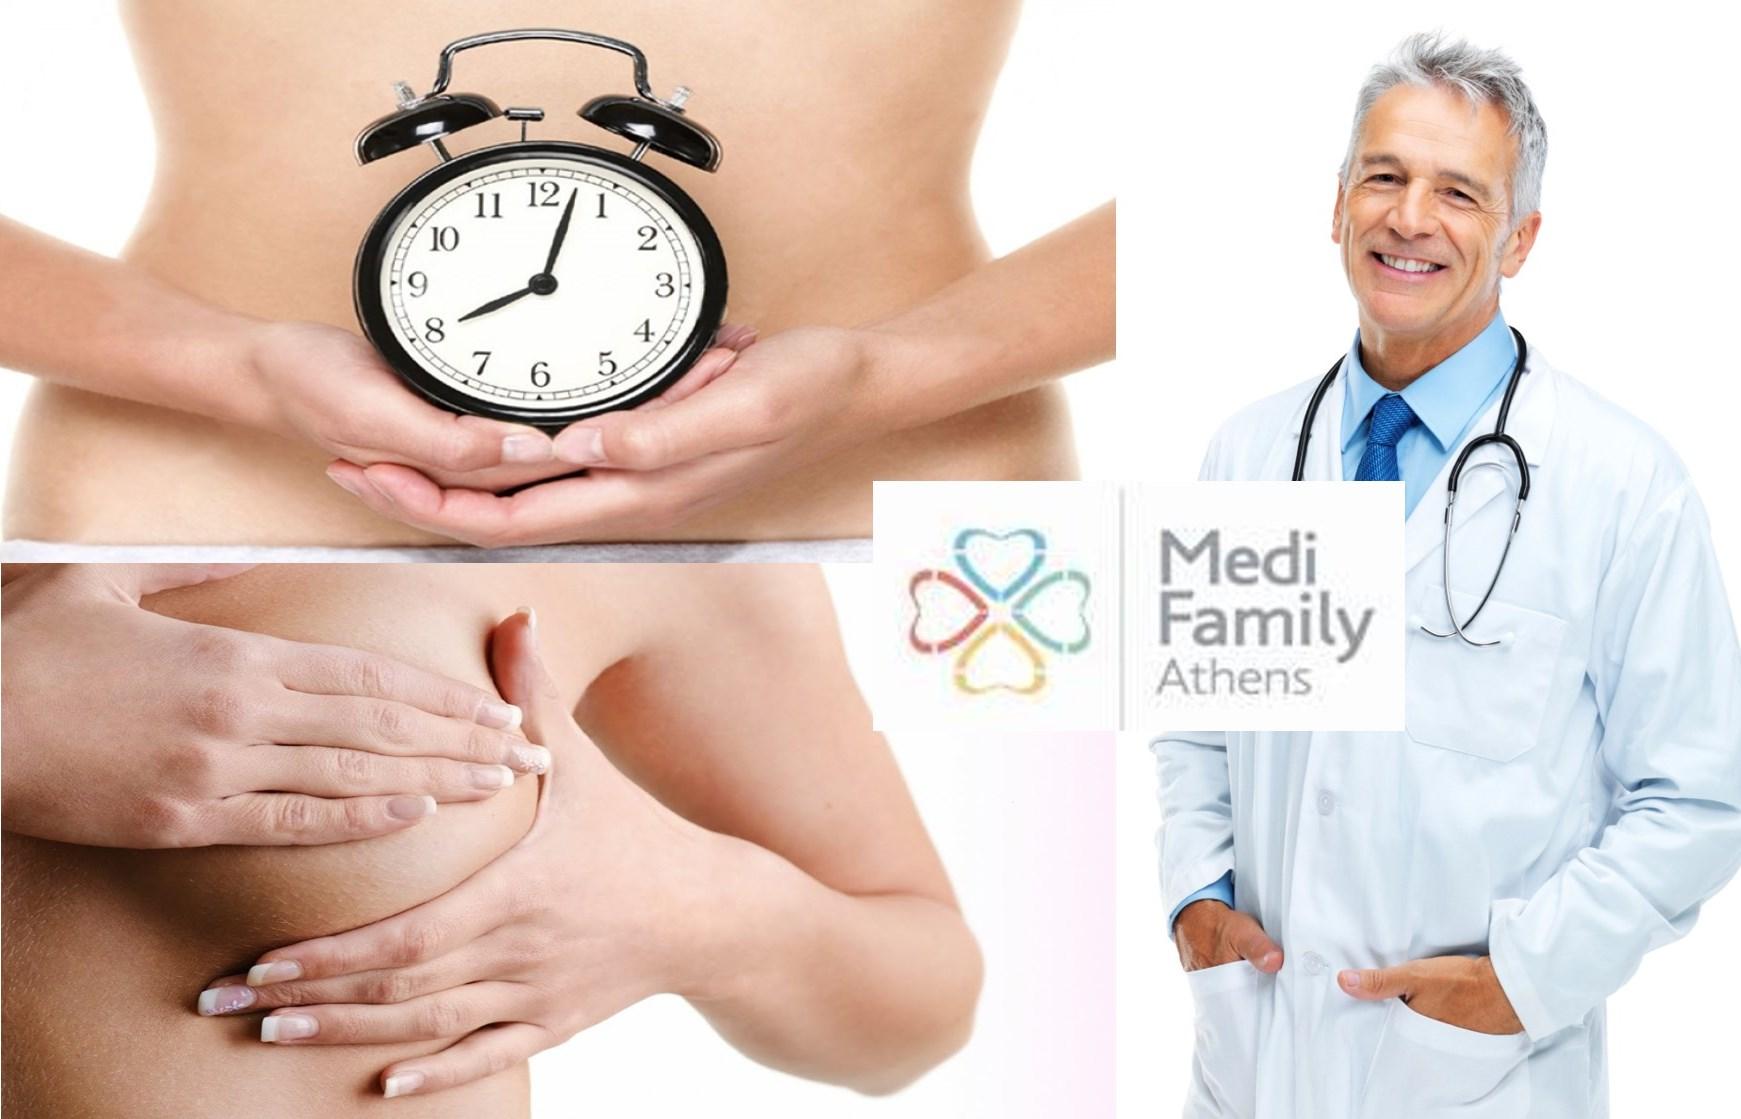 36€ από 150€ για πλήρη Γυναικολογικό & Μαστολογικό Έλεγχο (ΤΕΣΤ ΠΑΠ, Υπέρηχο ωοθηκών / μήτρας / σαλπίγγων / ουροδόχου κύστεως / ουρητήρων, Υπερηχογράφημα Μαστών) με Ψηλάφηση μαστών & Κλινική εξέταση, στο ''Medi Family Athens''